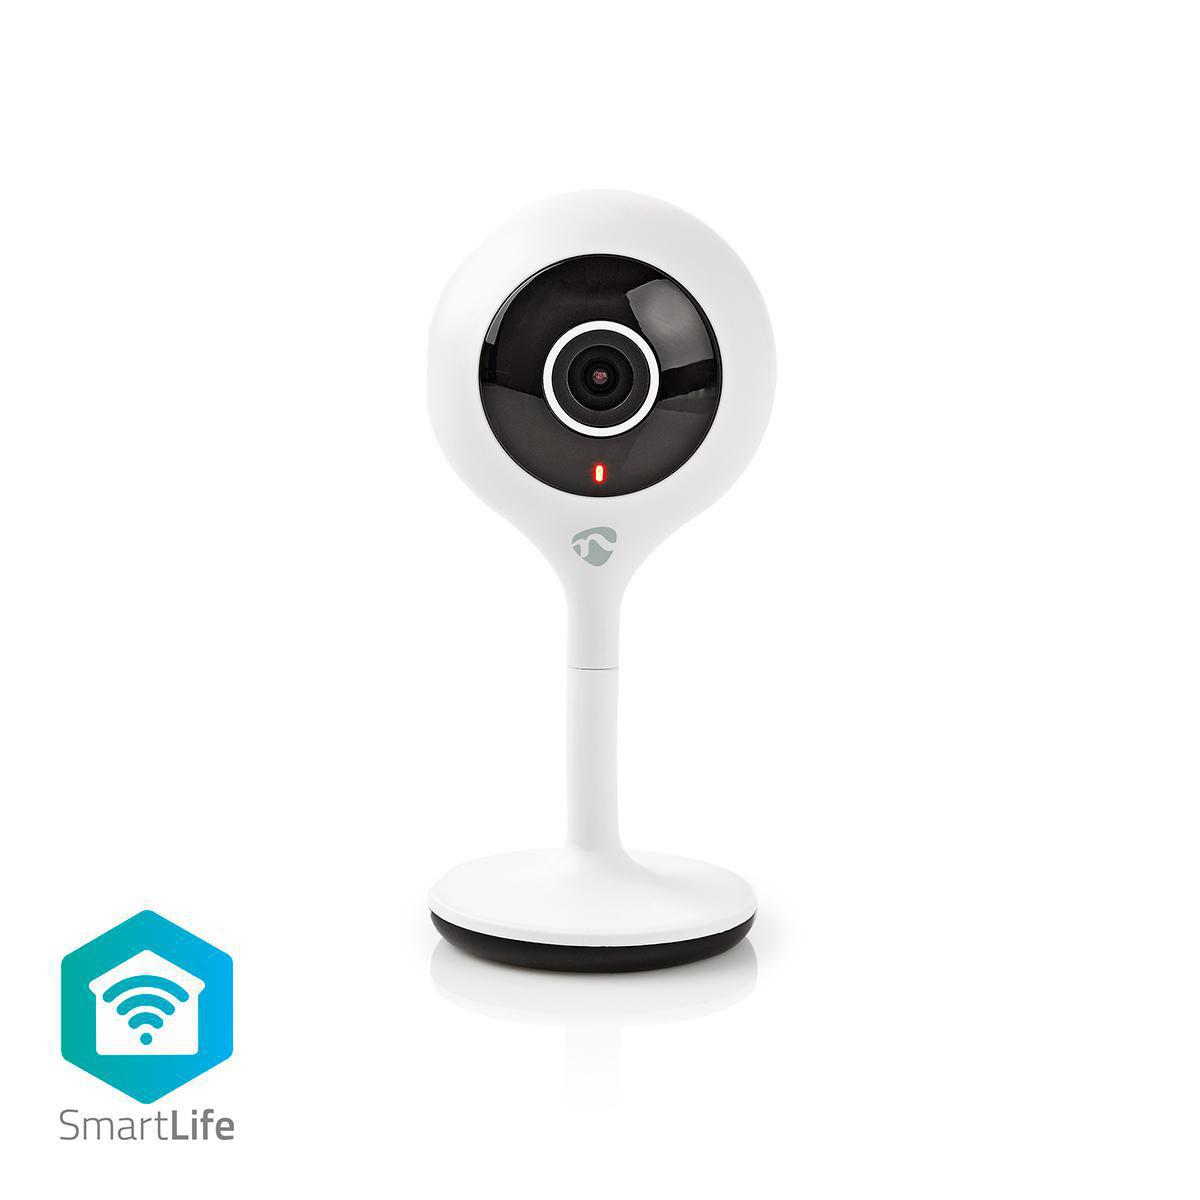 Cette caméra IP SmartHome est un ajout essentiel à tout système de maison intelligente. Elle vous connecte directement à votre réseau Wi-Fi - aucun concentrateur supplémentaire n'est nécessaire - et est déclenchée par chaque mouvement et chaque son de la